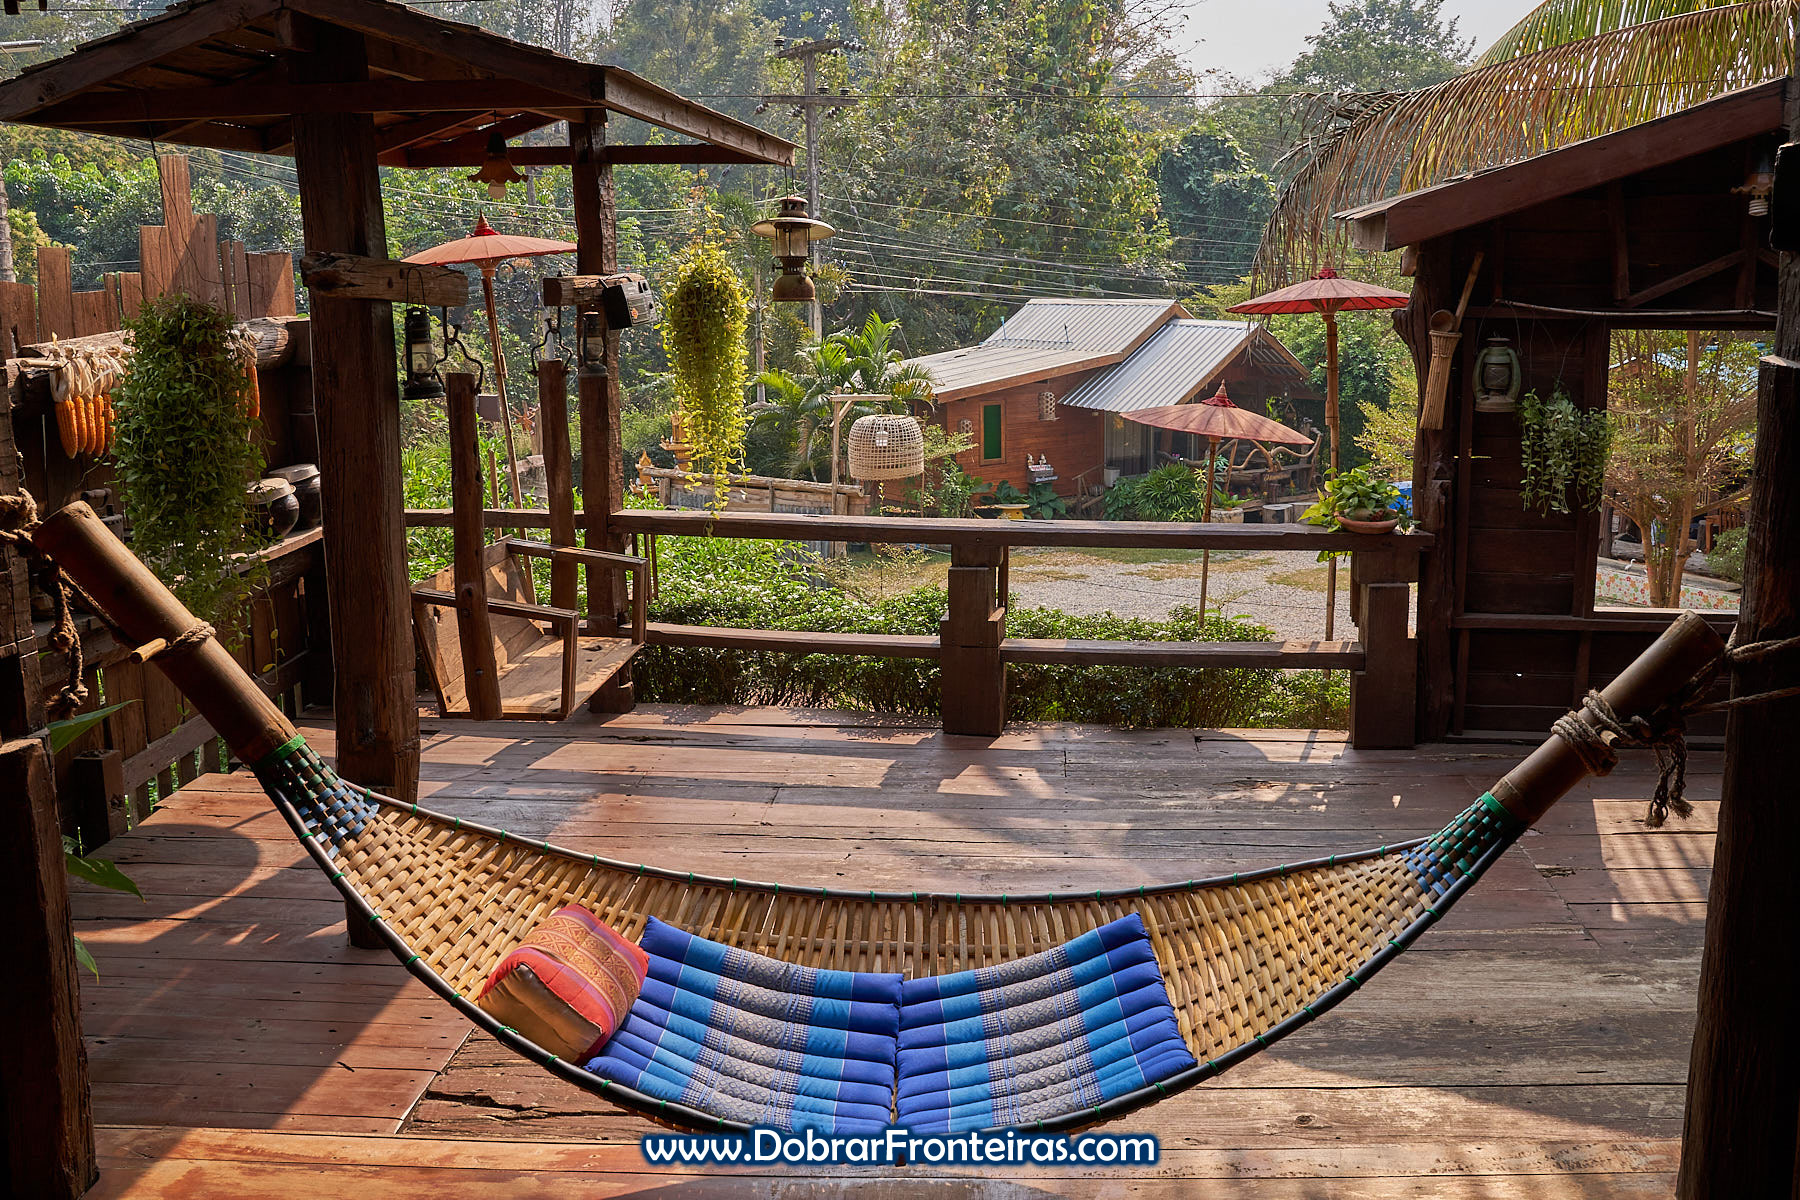 Cama de rede em bambu